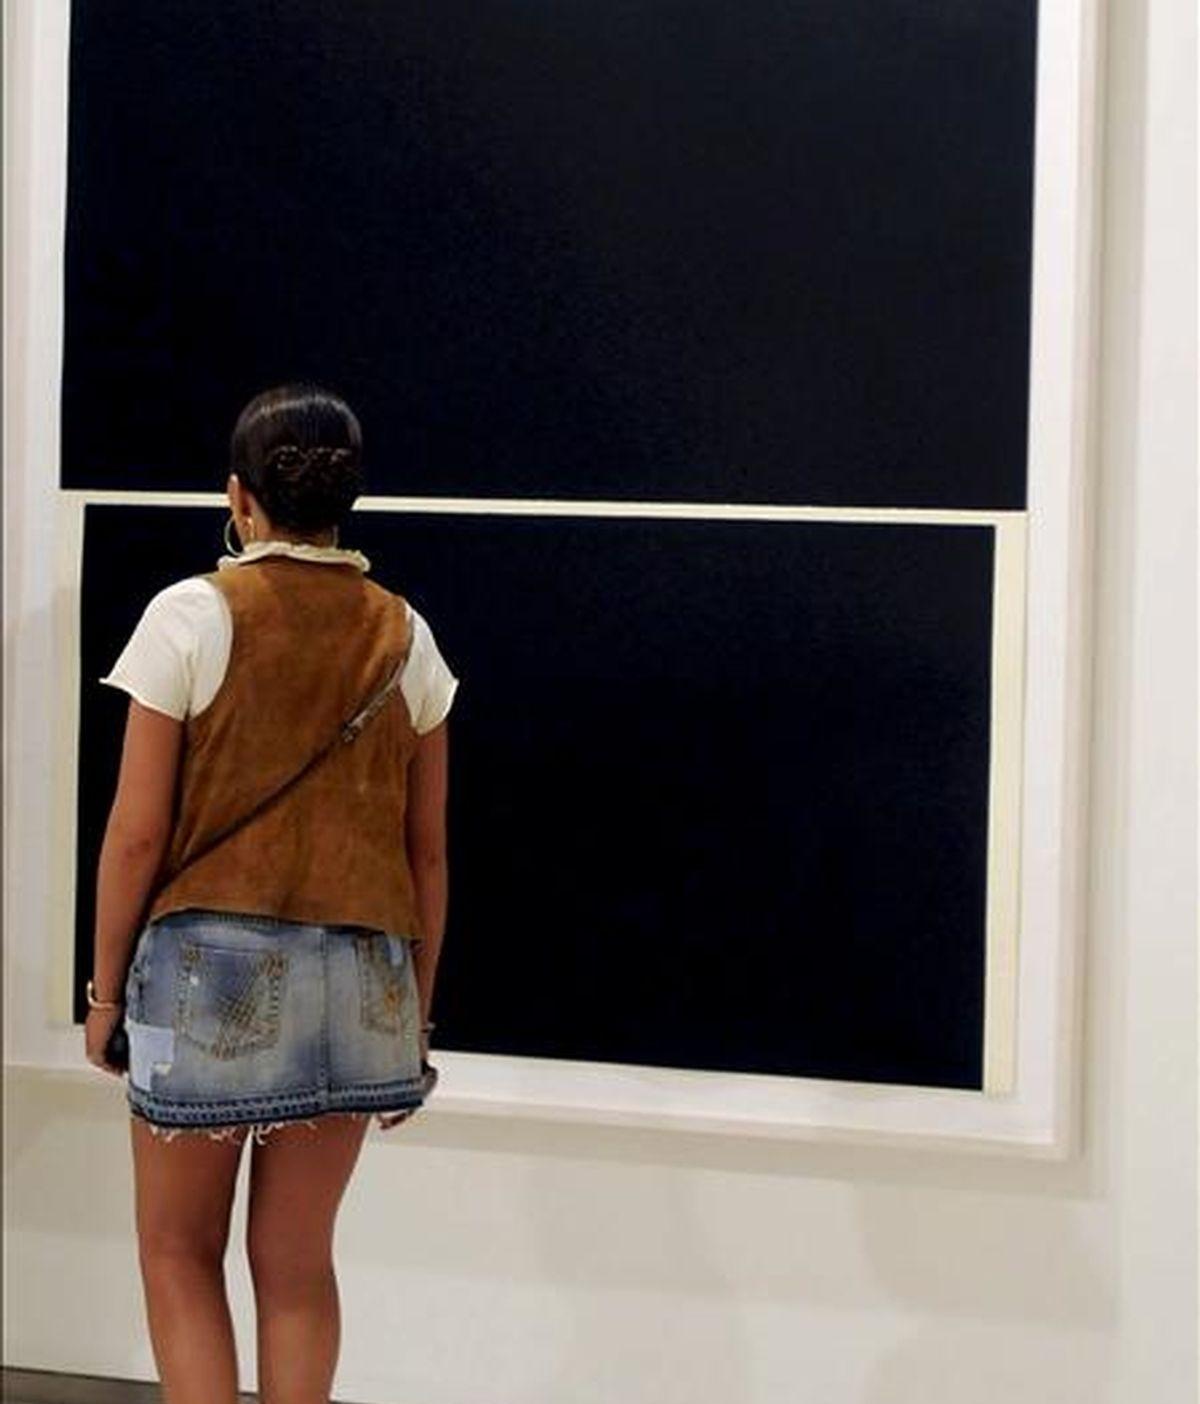 """Una joven observa una de las obras del escultor Richard Serra durante la inauguración de la exposición """"Peso y materia"""", en la que el artista estadounidense exhibe su particular visión sobre el peso y la materia, hoy en la Fundación Cerezales del Condado (León). EFE"""